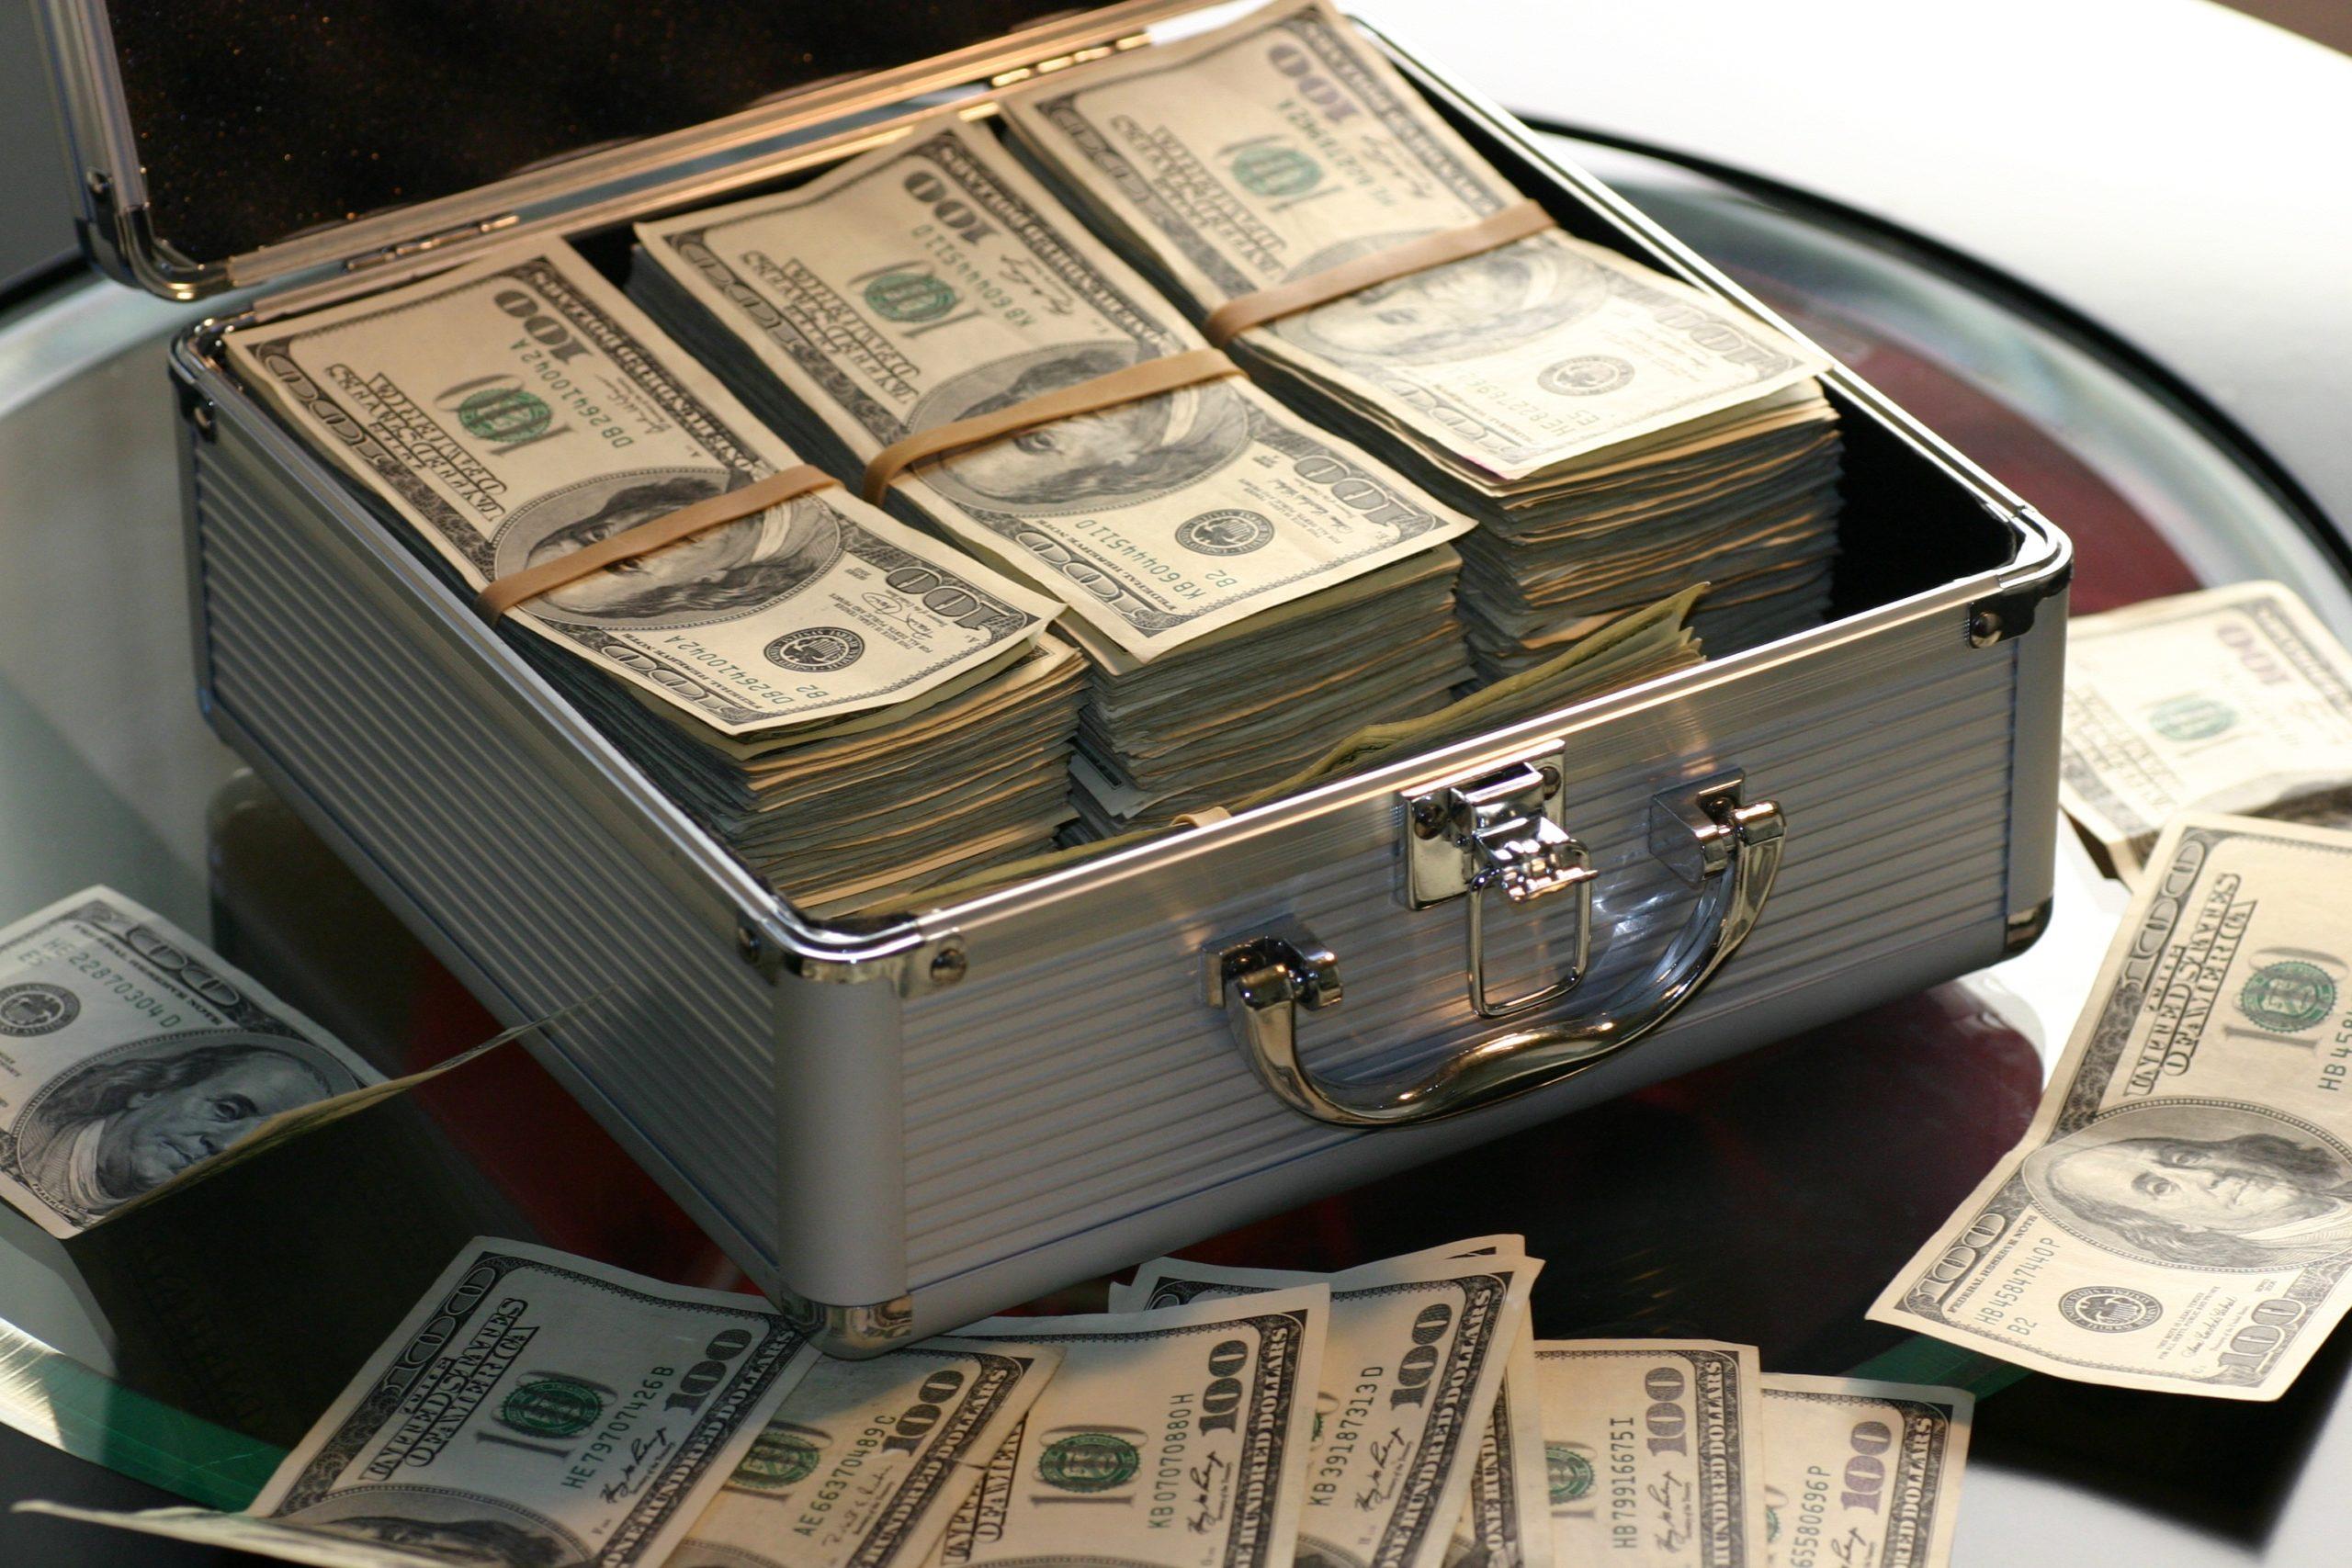 obiectiv în viață să câștigi mulți bani